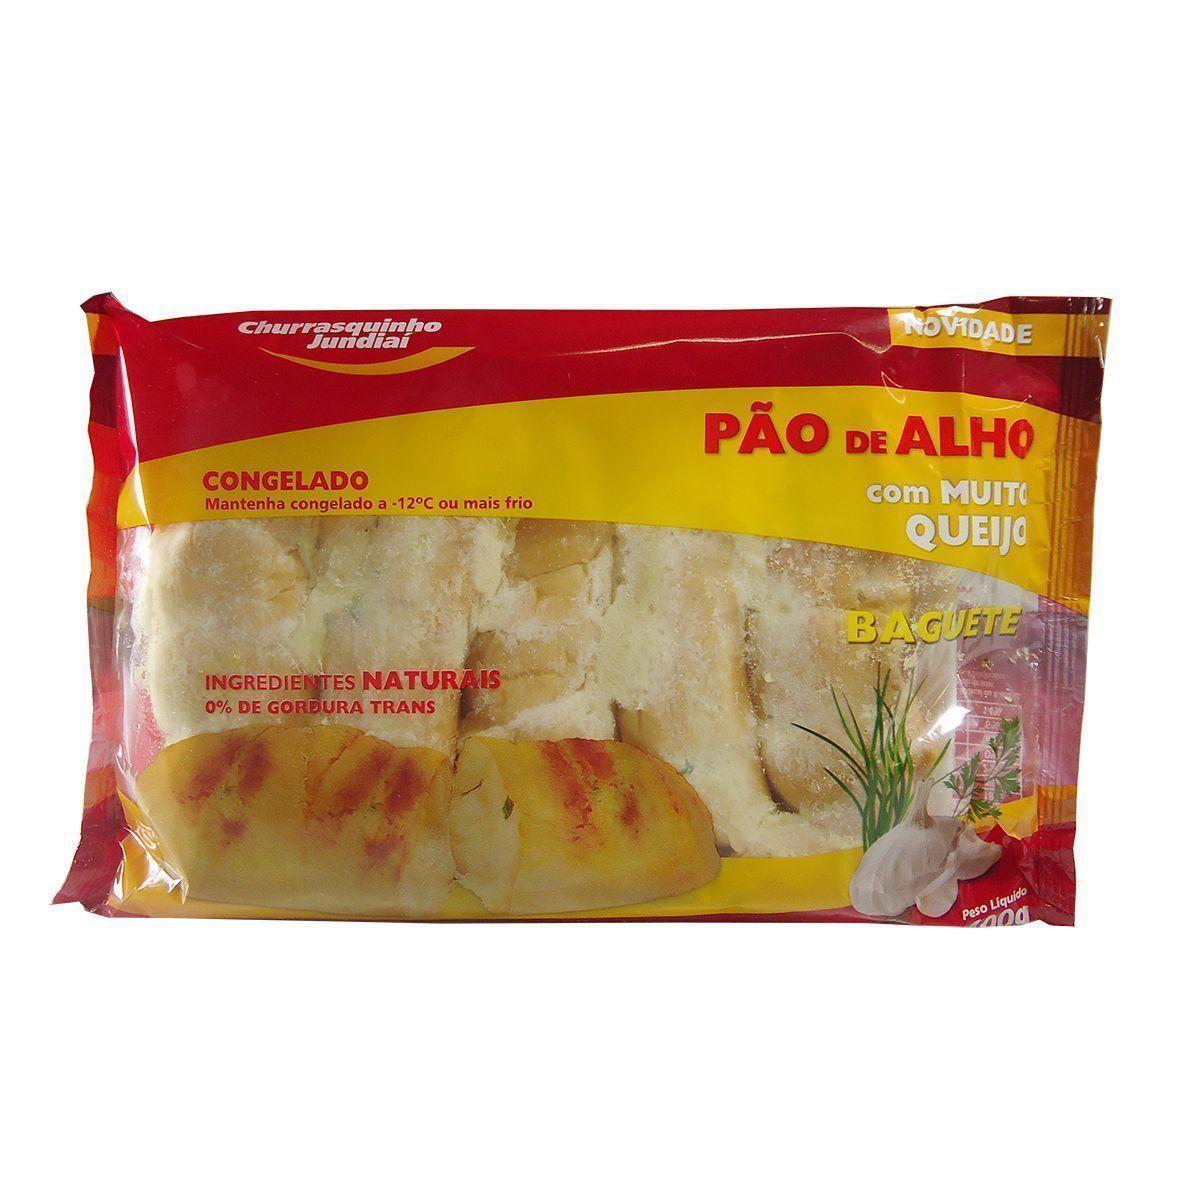 PAO DE ALHO TRADICIONAL PESO LIQ 400 gramas